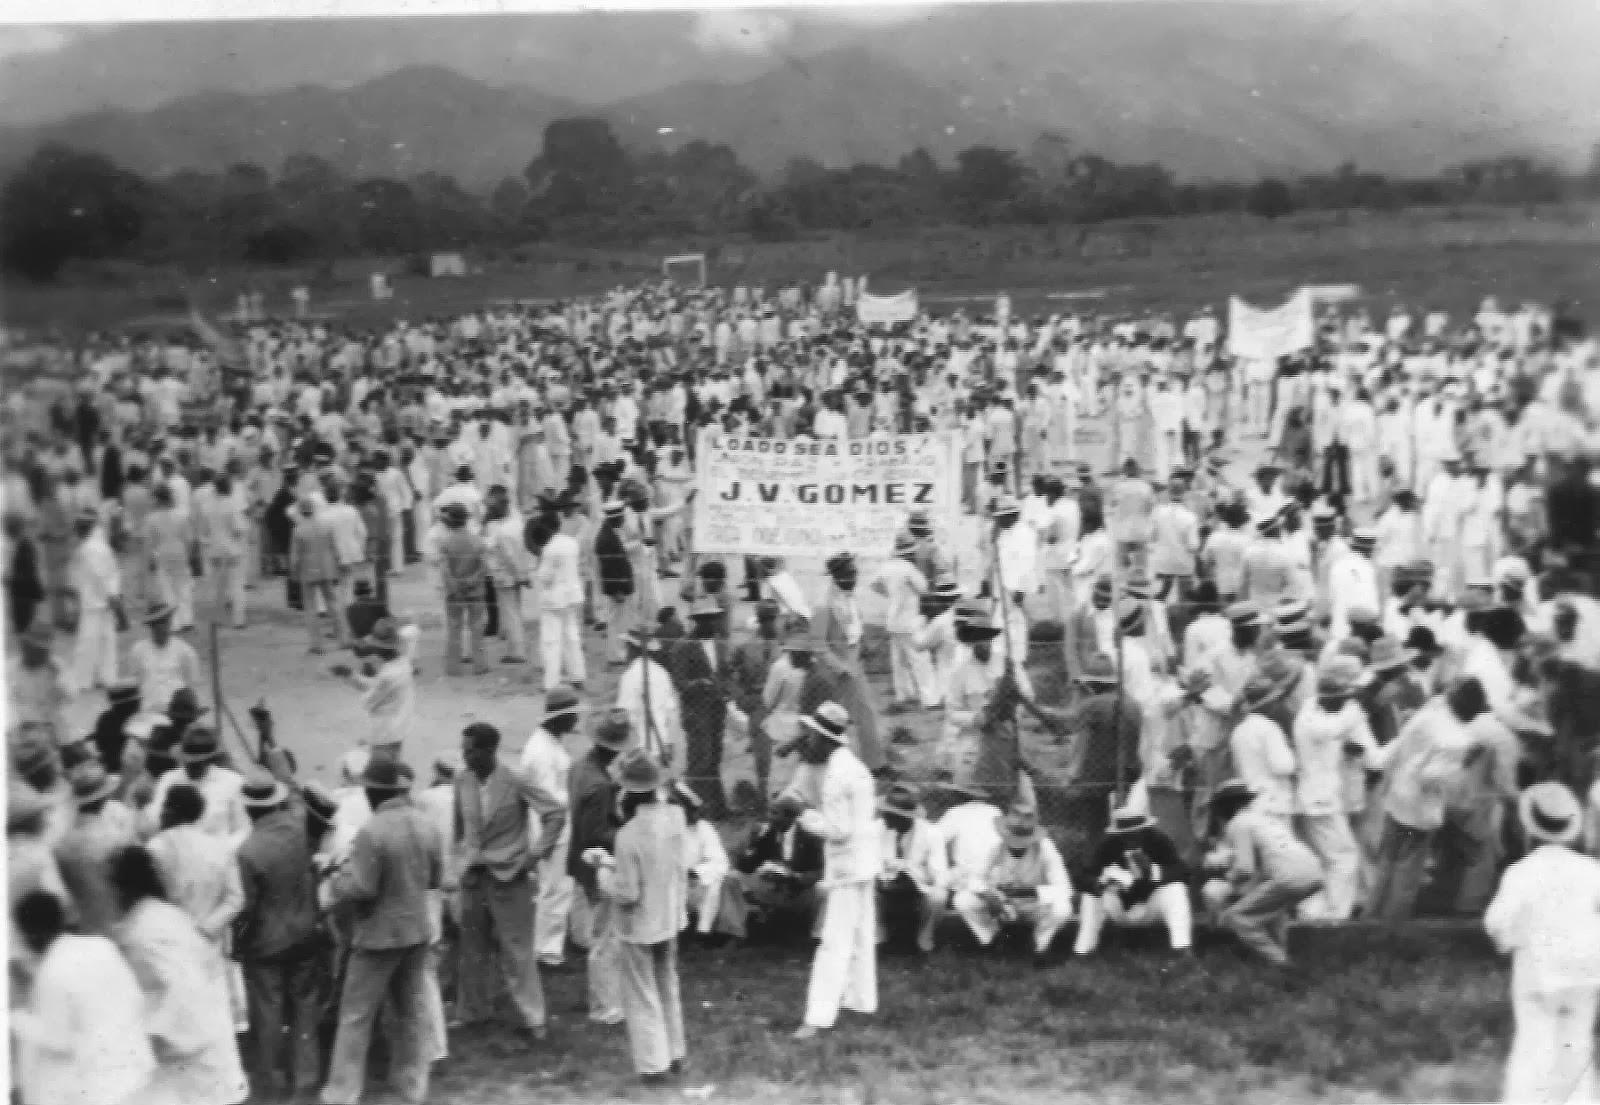 Manifestación a favor de Gómez en el terreno del  Aereopuerto de Maracay